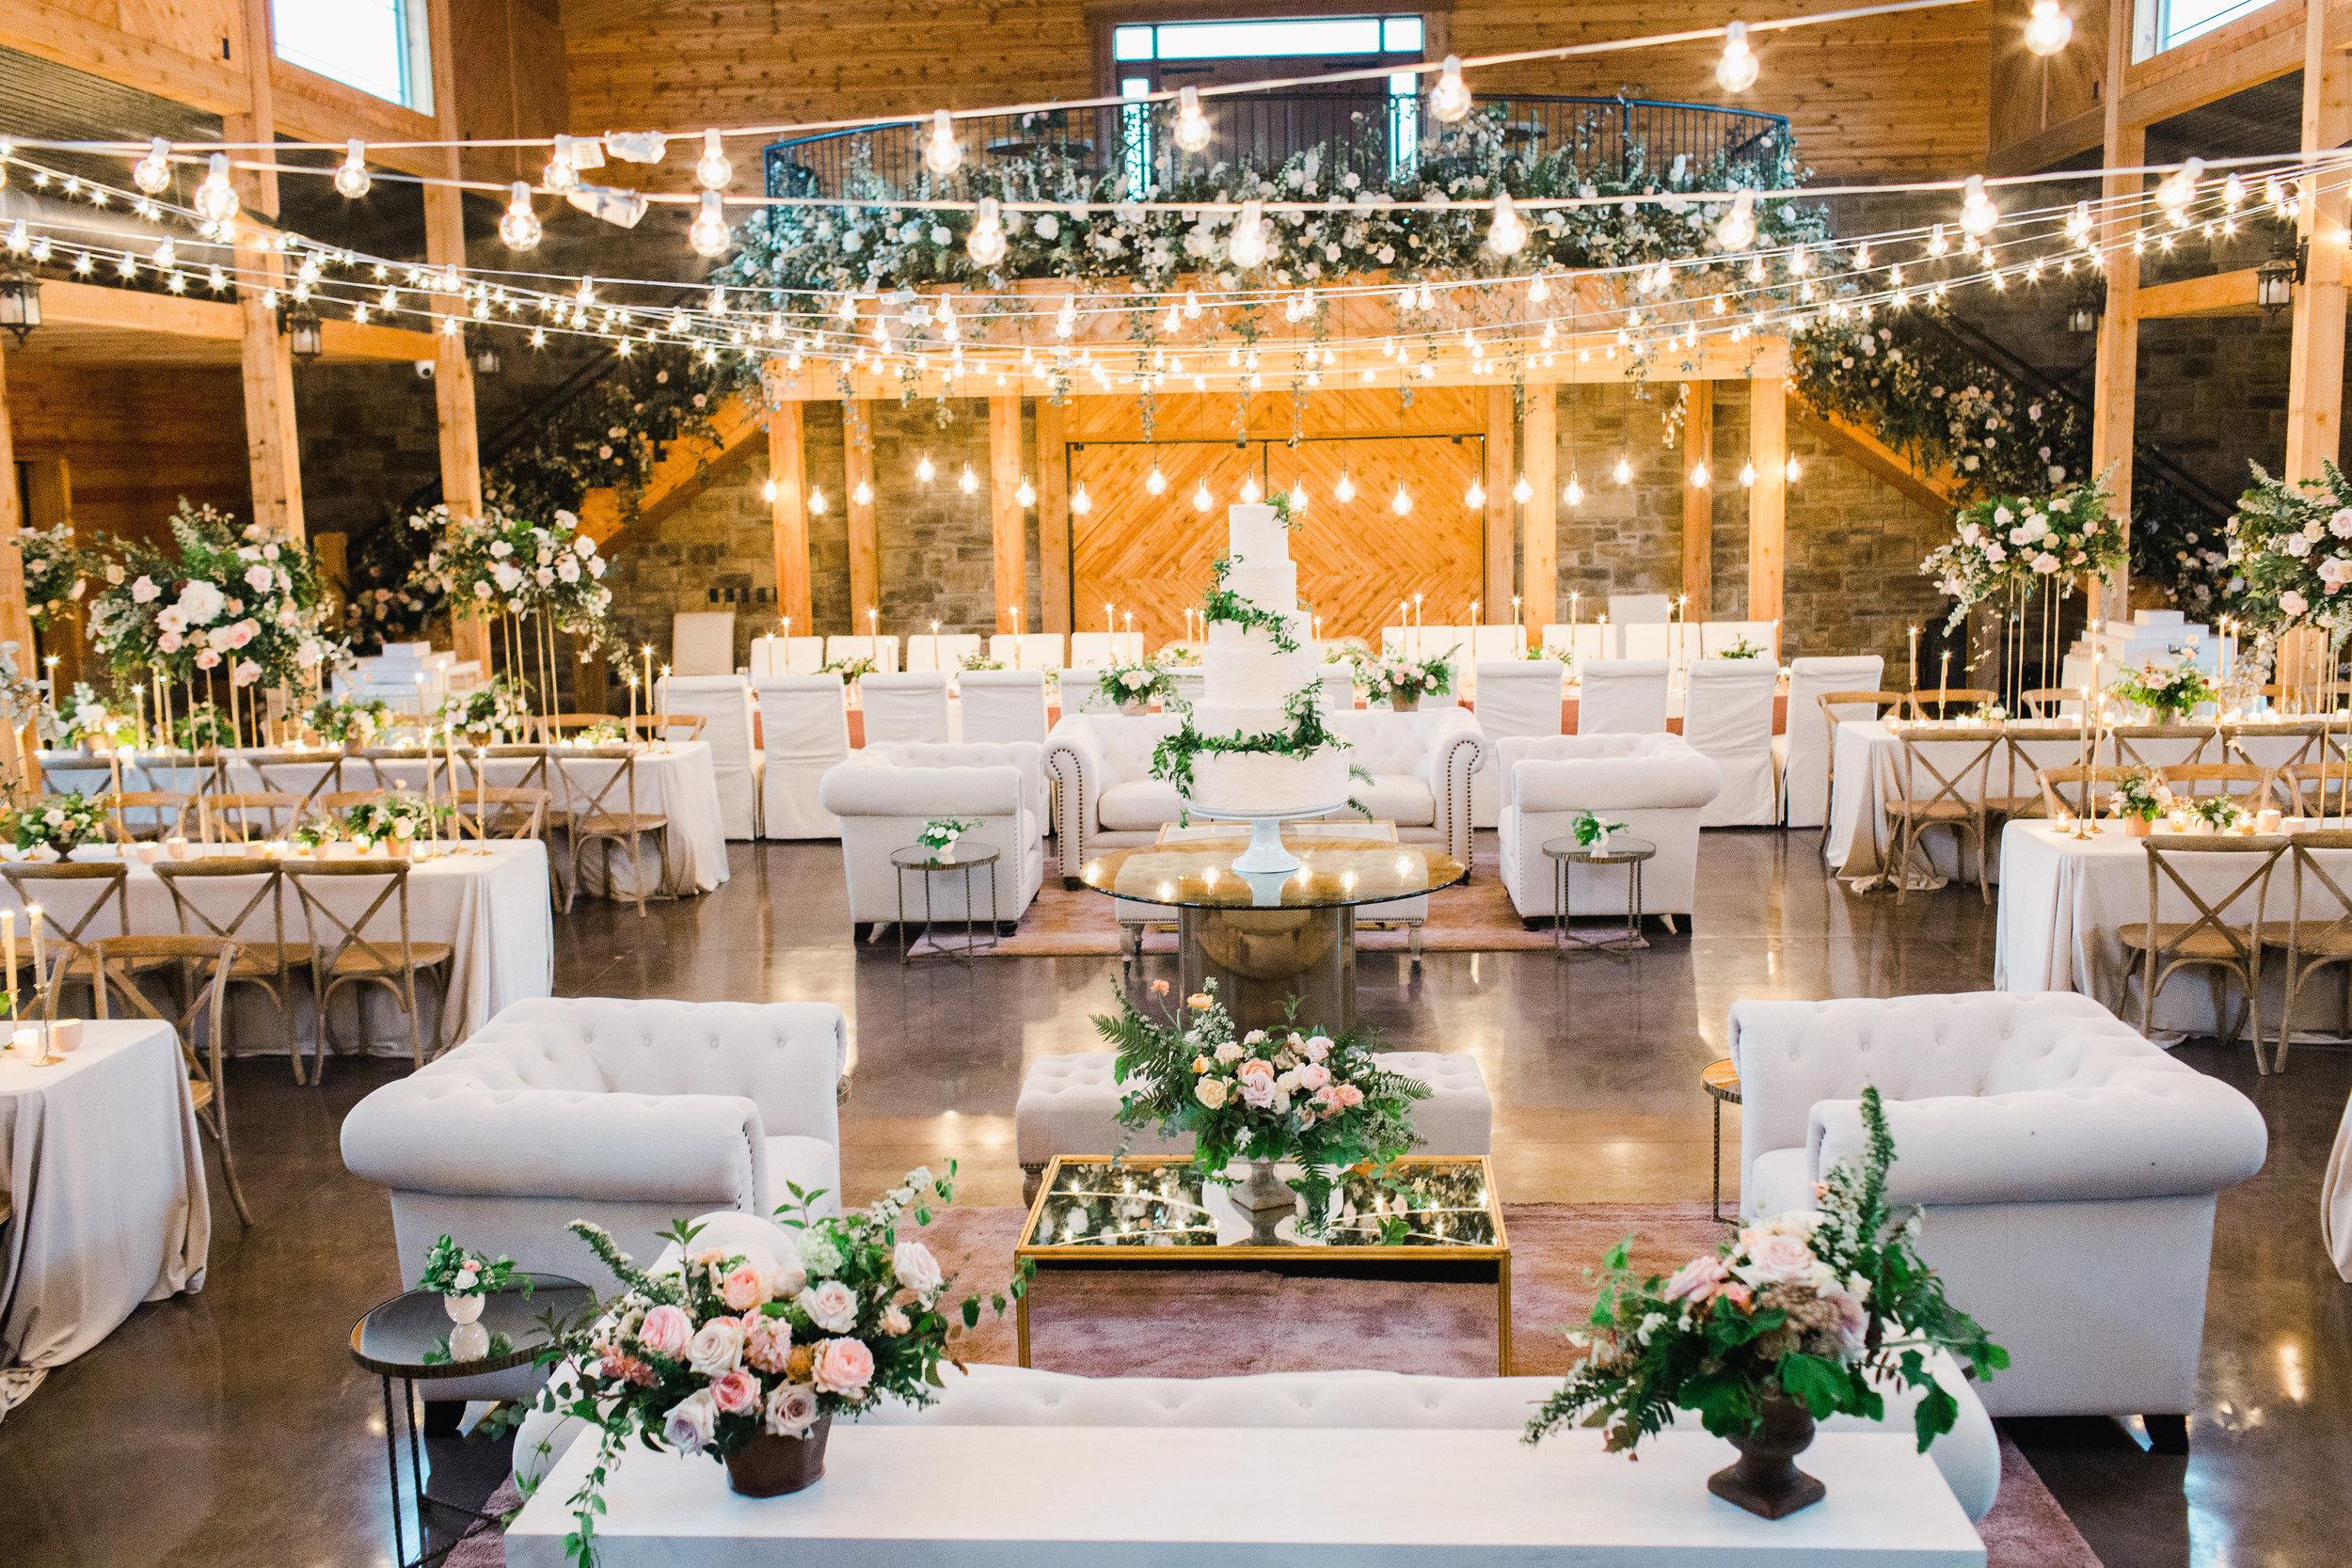 jessica-zimmerman-events-arkansas-wedding-martha-stewart-feature-reception-space.jpg